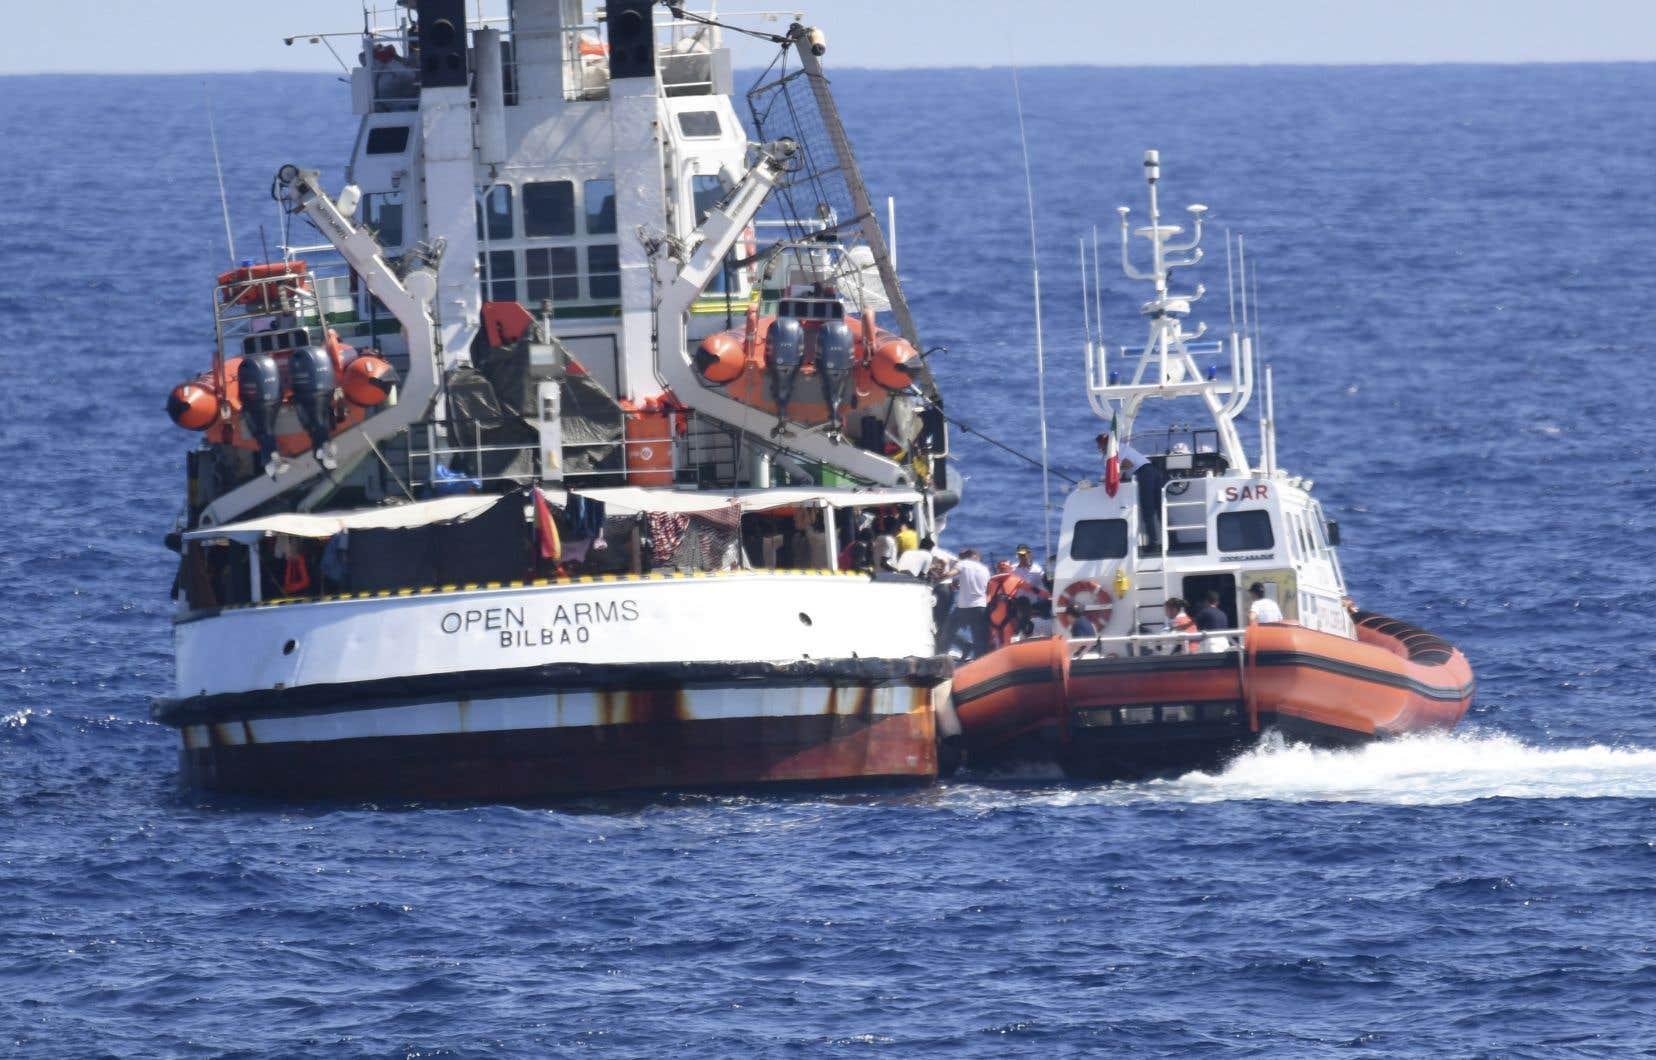 Un bateau des garde-côtes italiens aborde le «Open Arms», au large de l'île sicilienne de Lampedusa, le 20 août 2019.